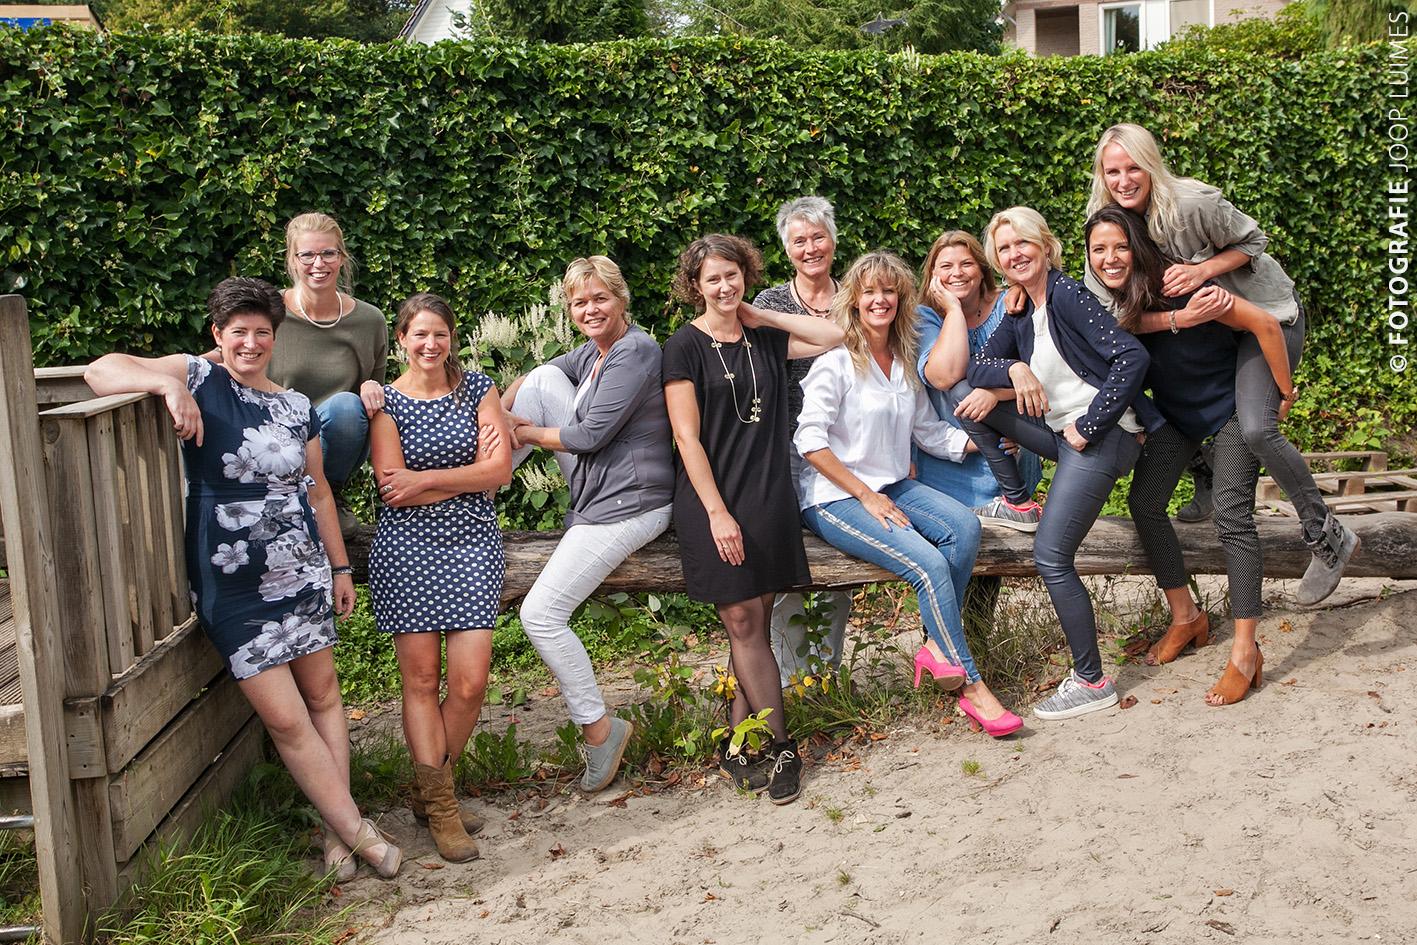 Team - Welkom bij jenaplanschool 't Hoge Land in Epe